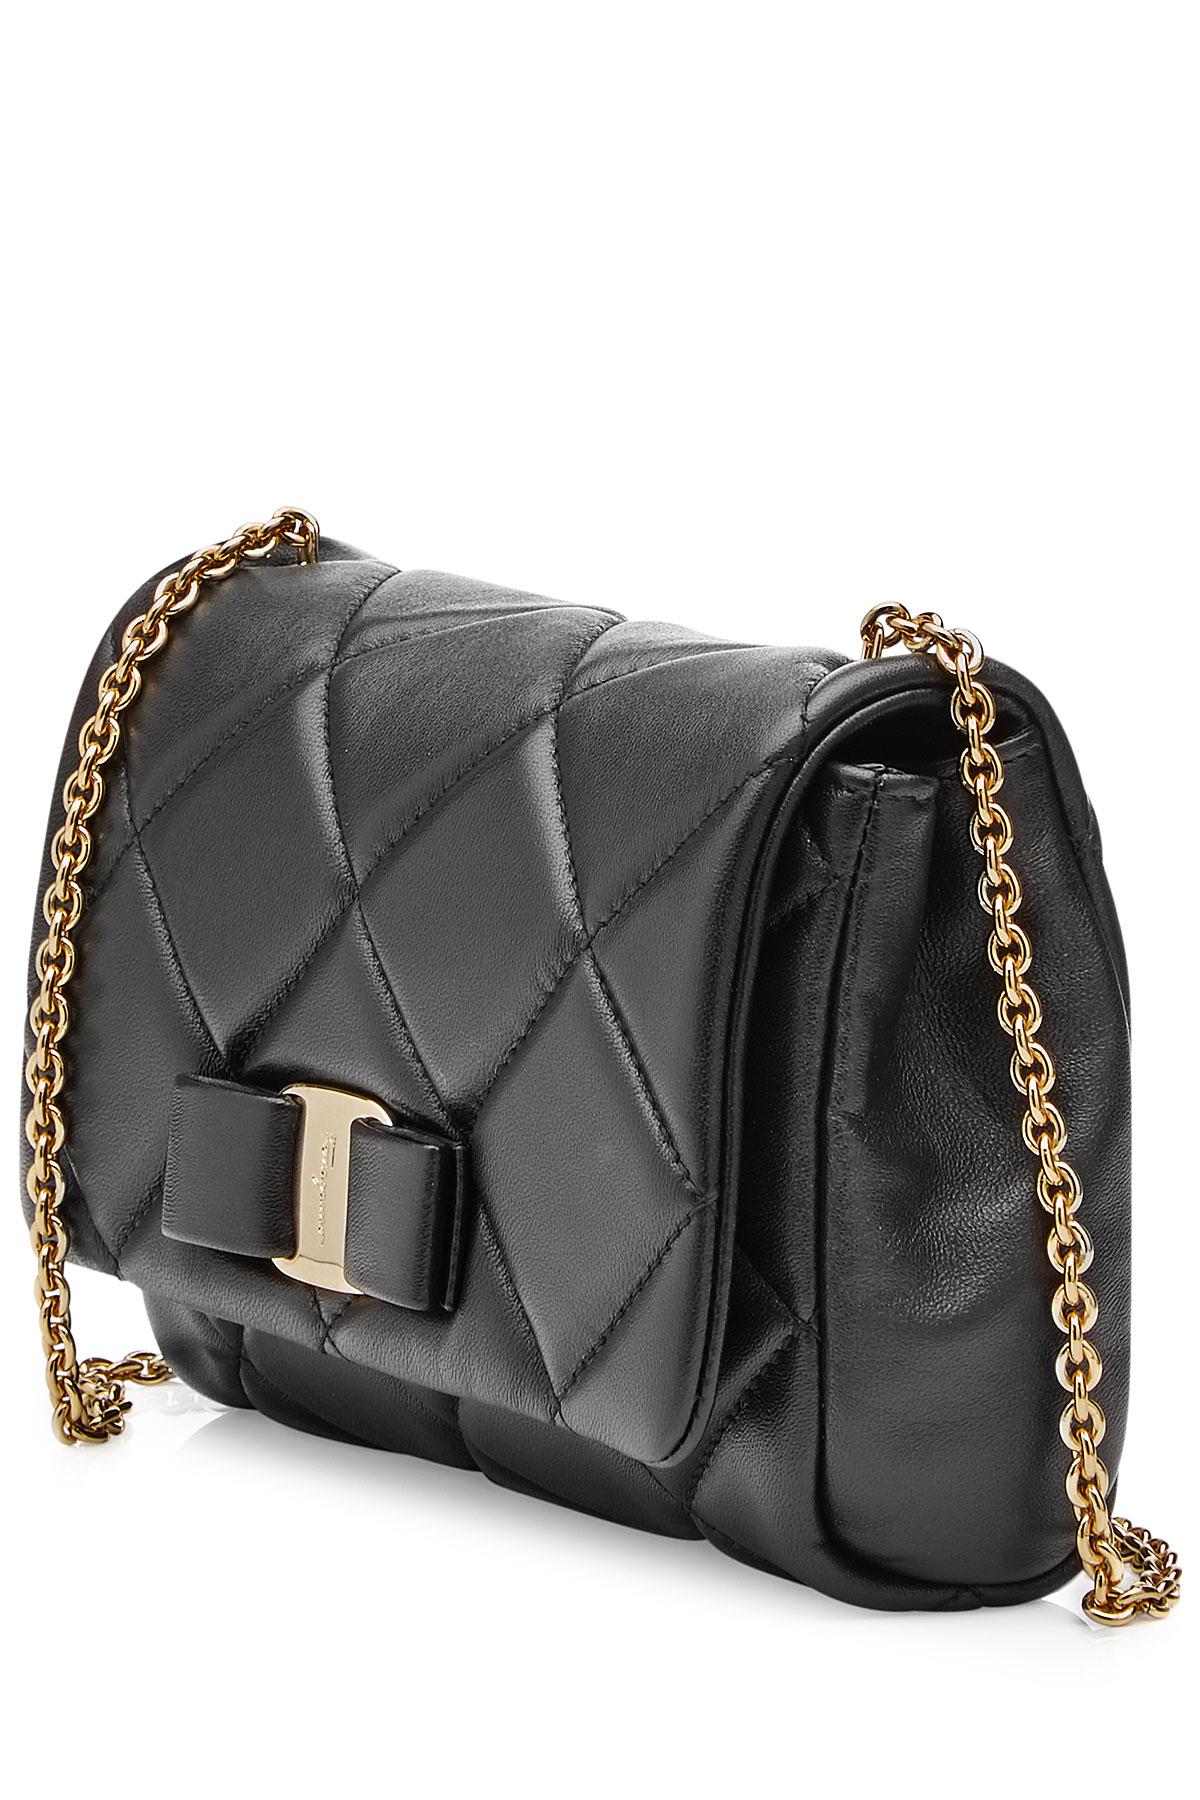 2899b8b110db Lyst - Ferragamo Gelly Mini Quilted Leather Shoulder Bag - Black in ...